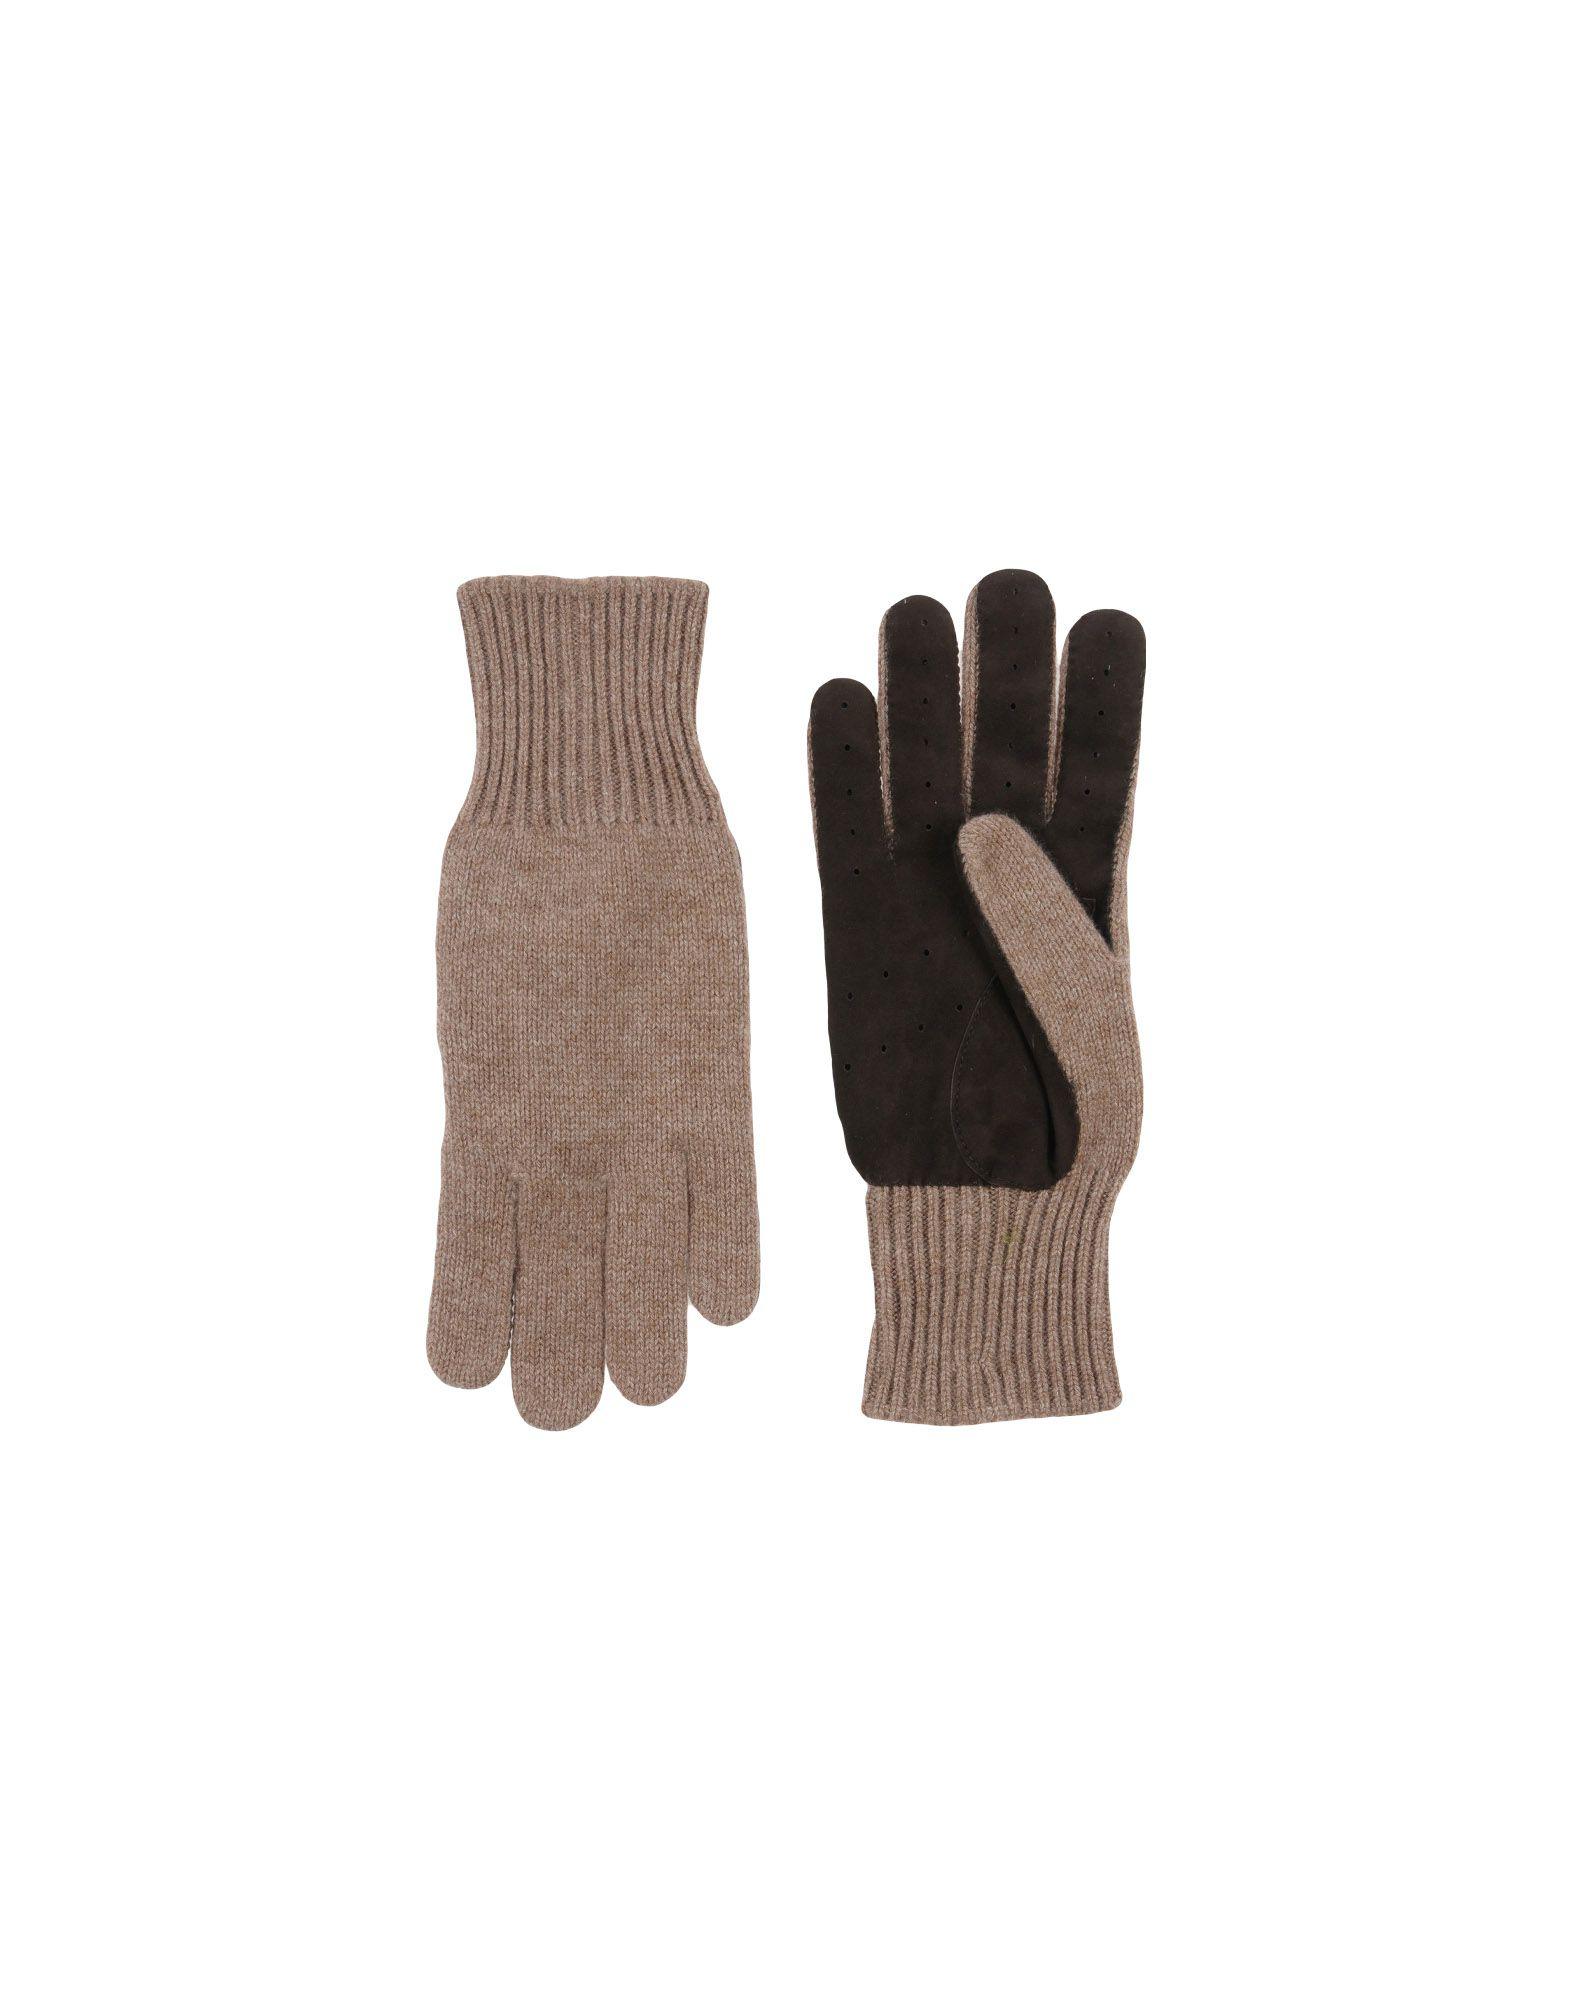 Фото - BRUNELLO CUCINELLI Перчатки защитные антистатические перчатки из углеродного волокна ermar erma